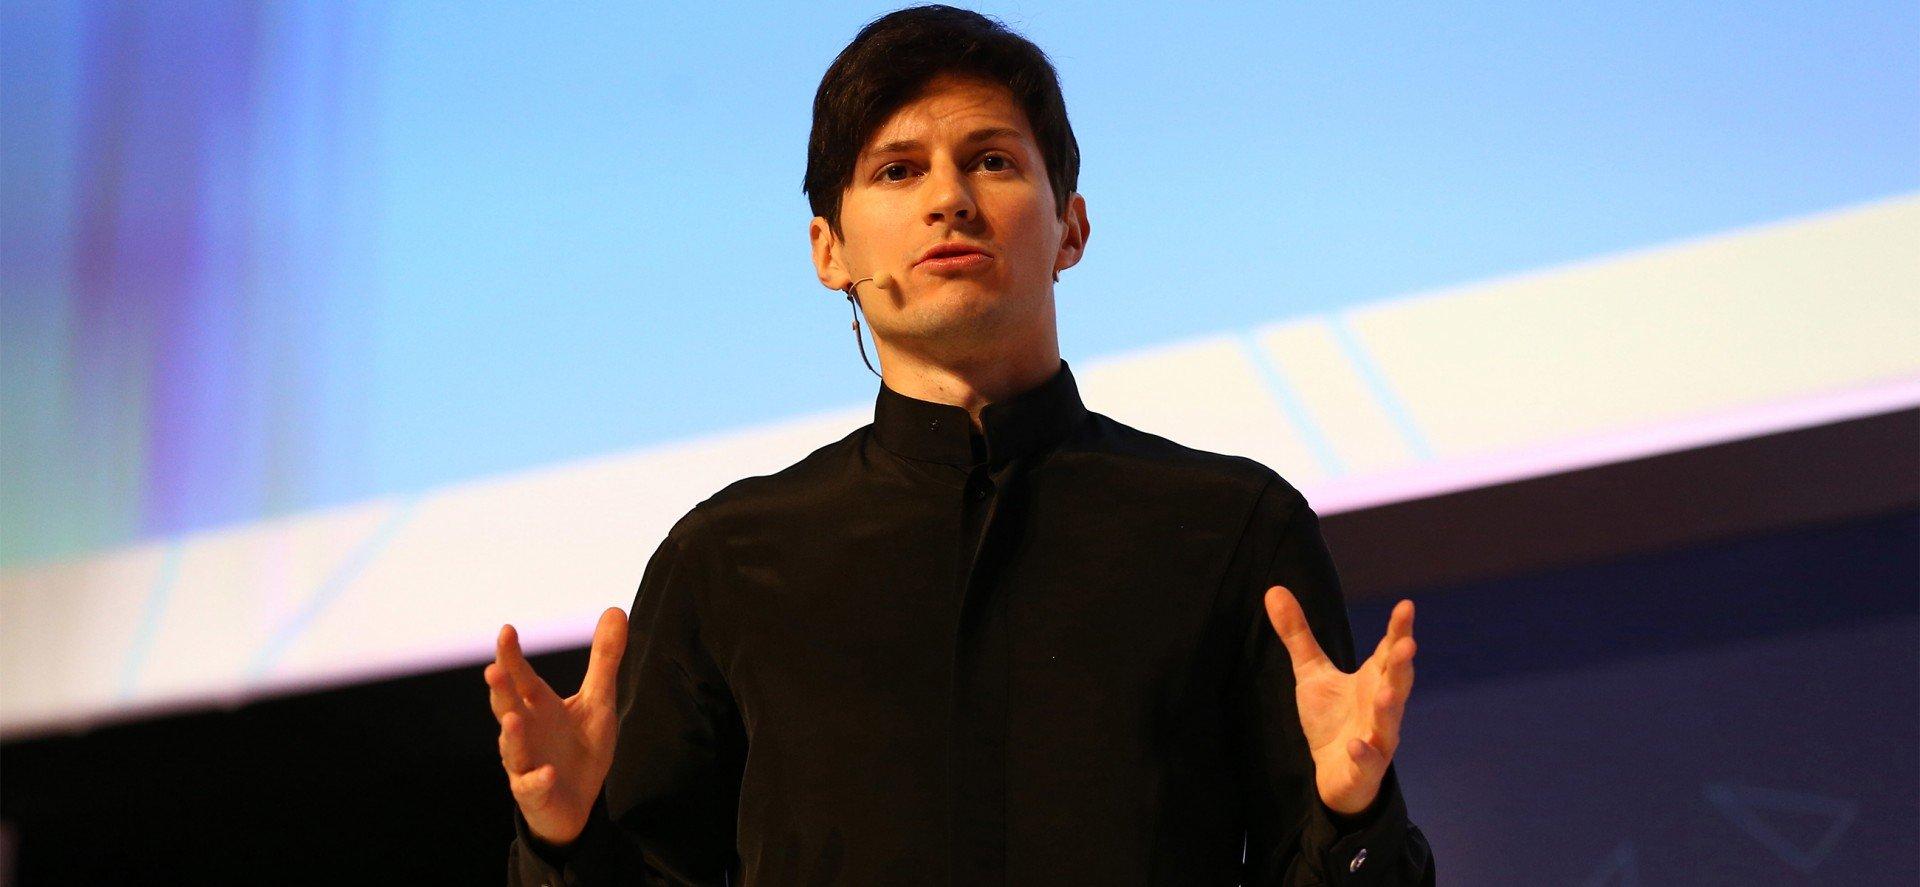 Павел Дуров Я полностью поддерживаю Epic Games в ее борьбе против Apple